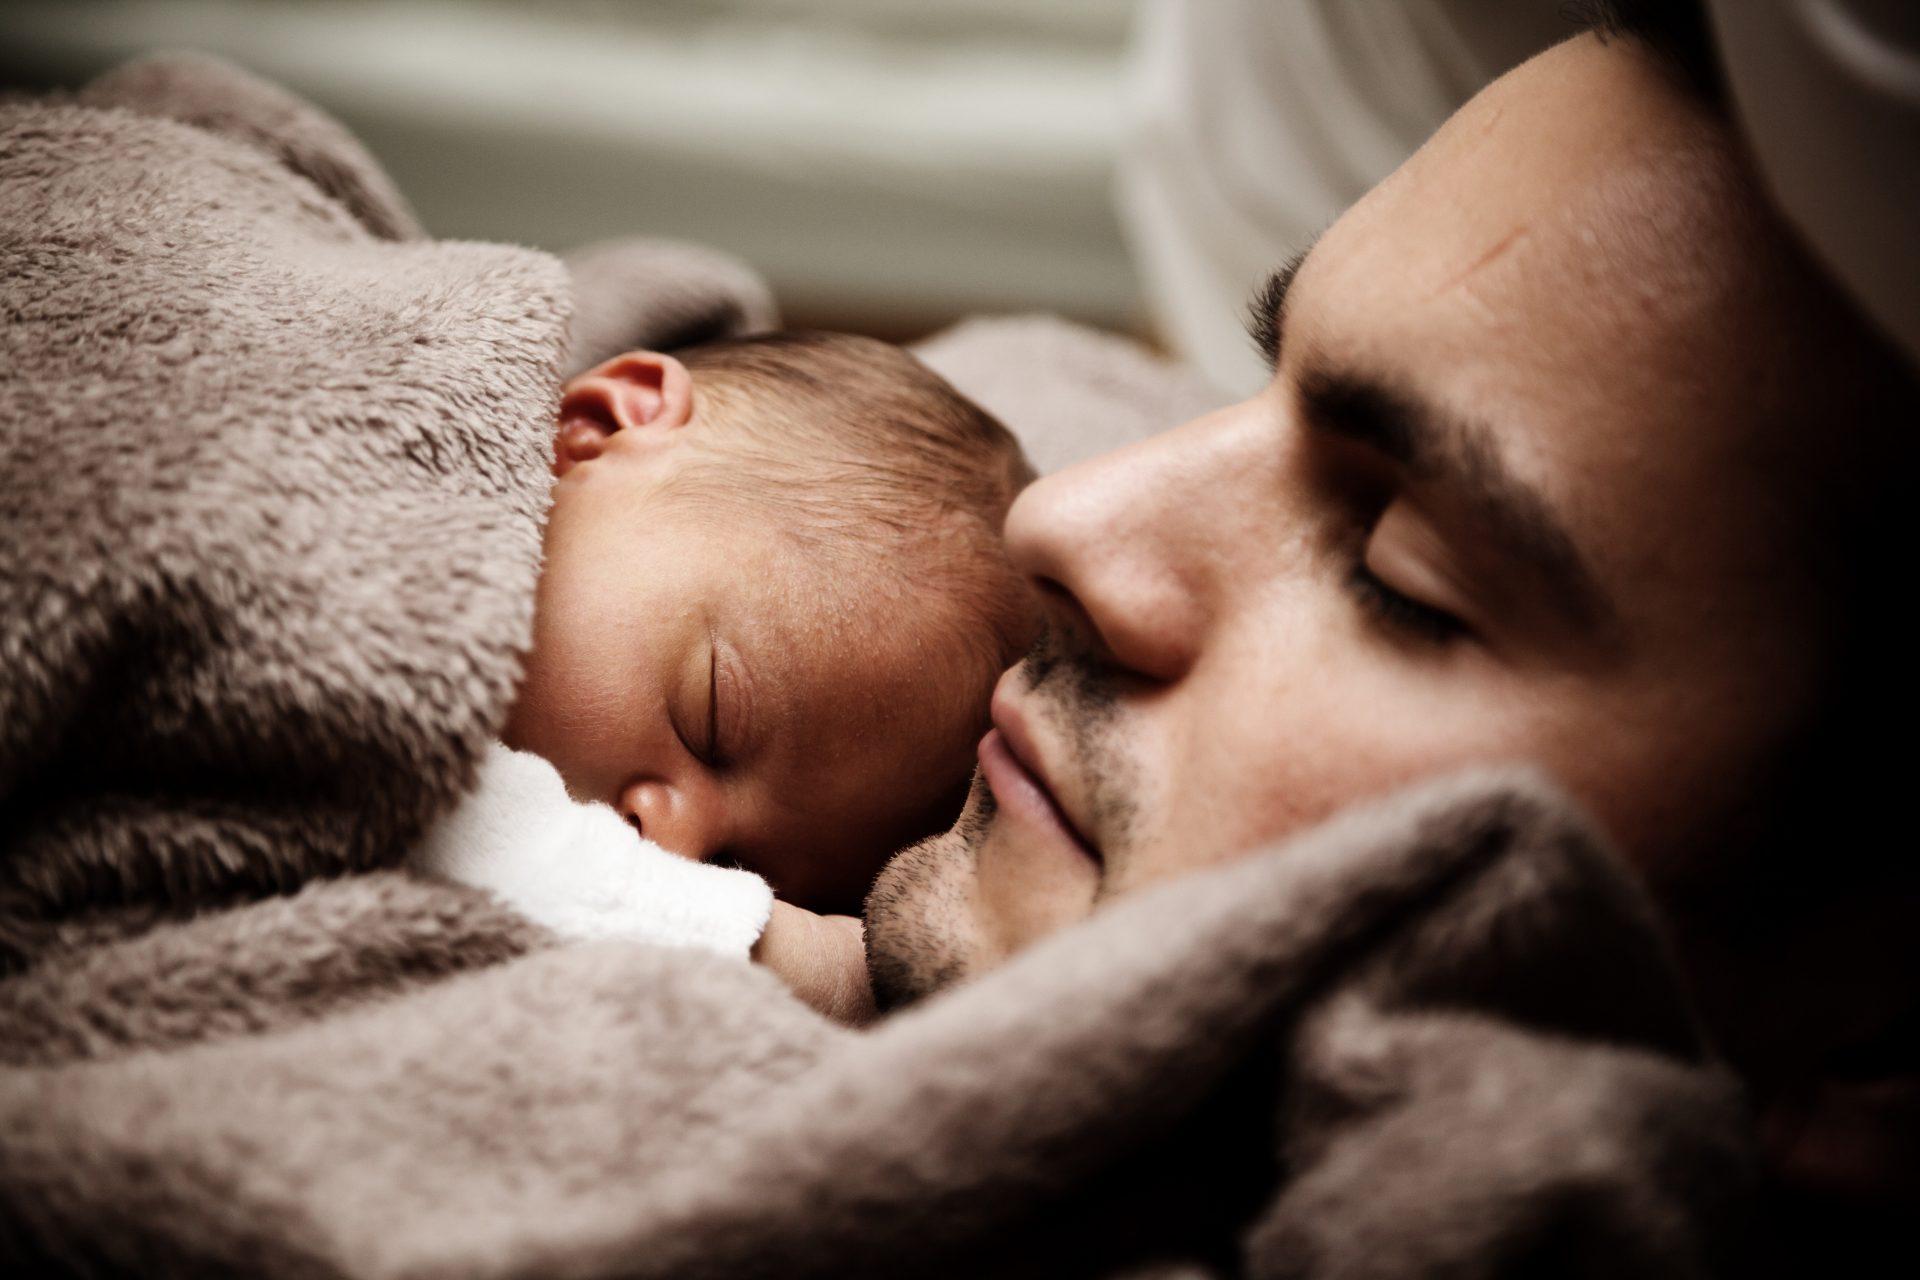 kako-naviknuti-dijete-na-spavanje-uvodjenje-rutine-kod-djeteta-kako-hr